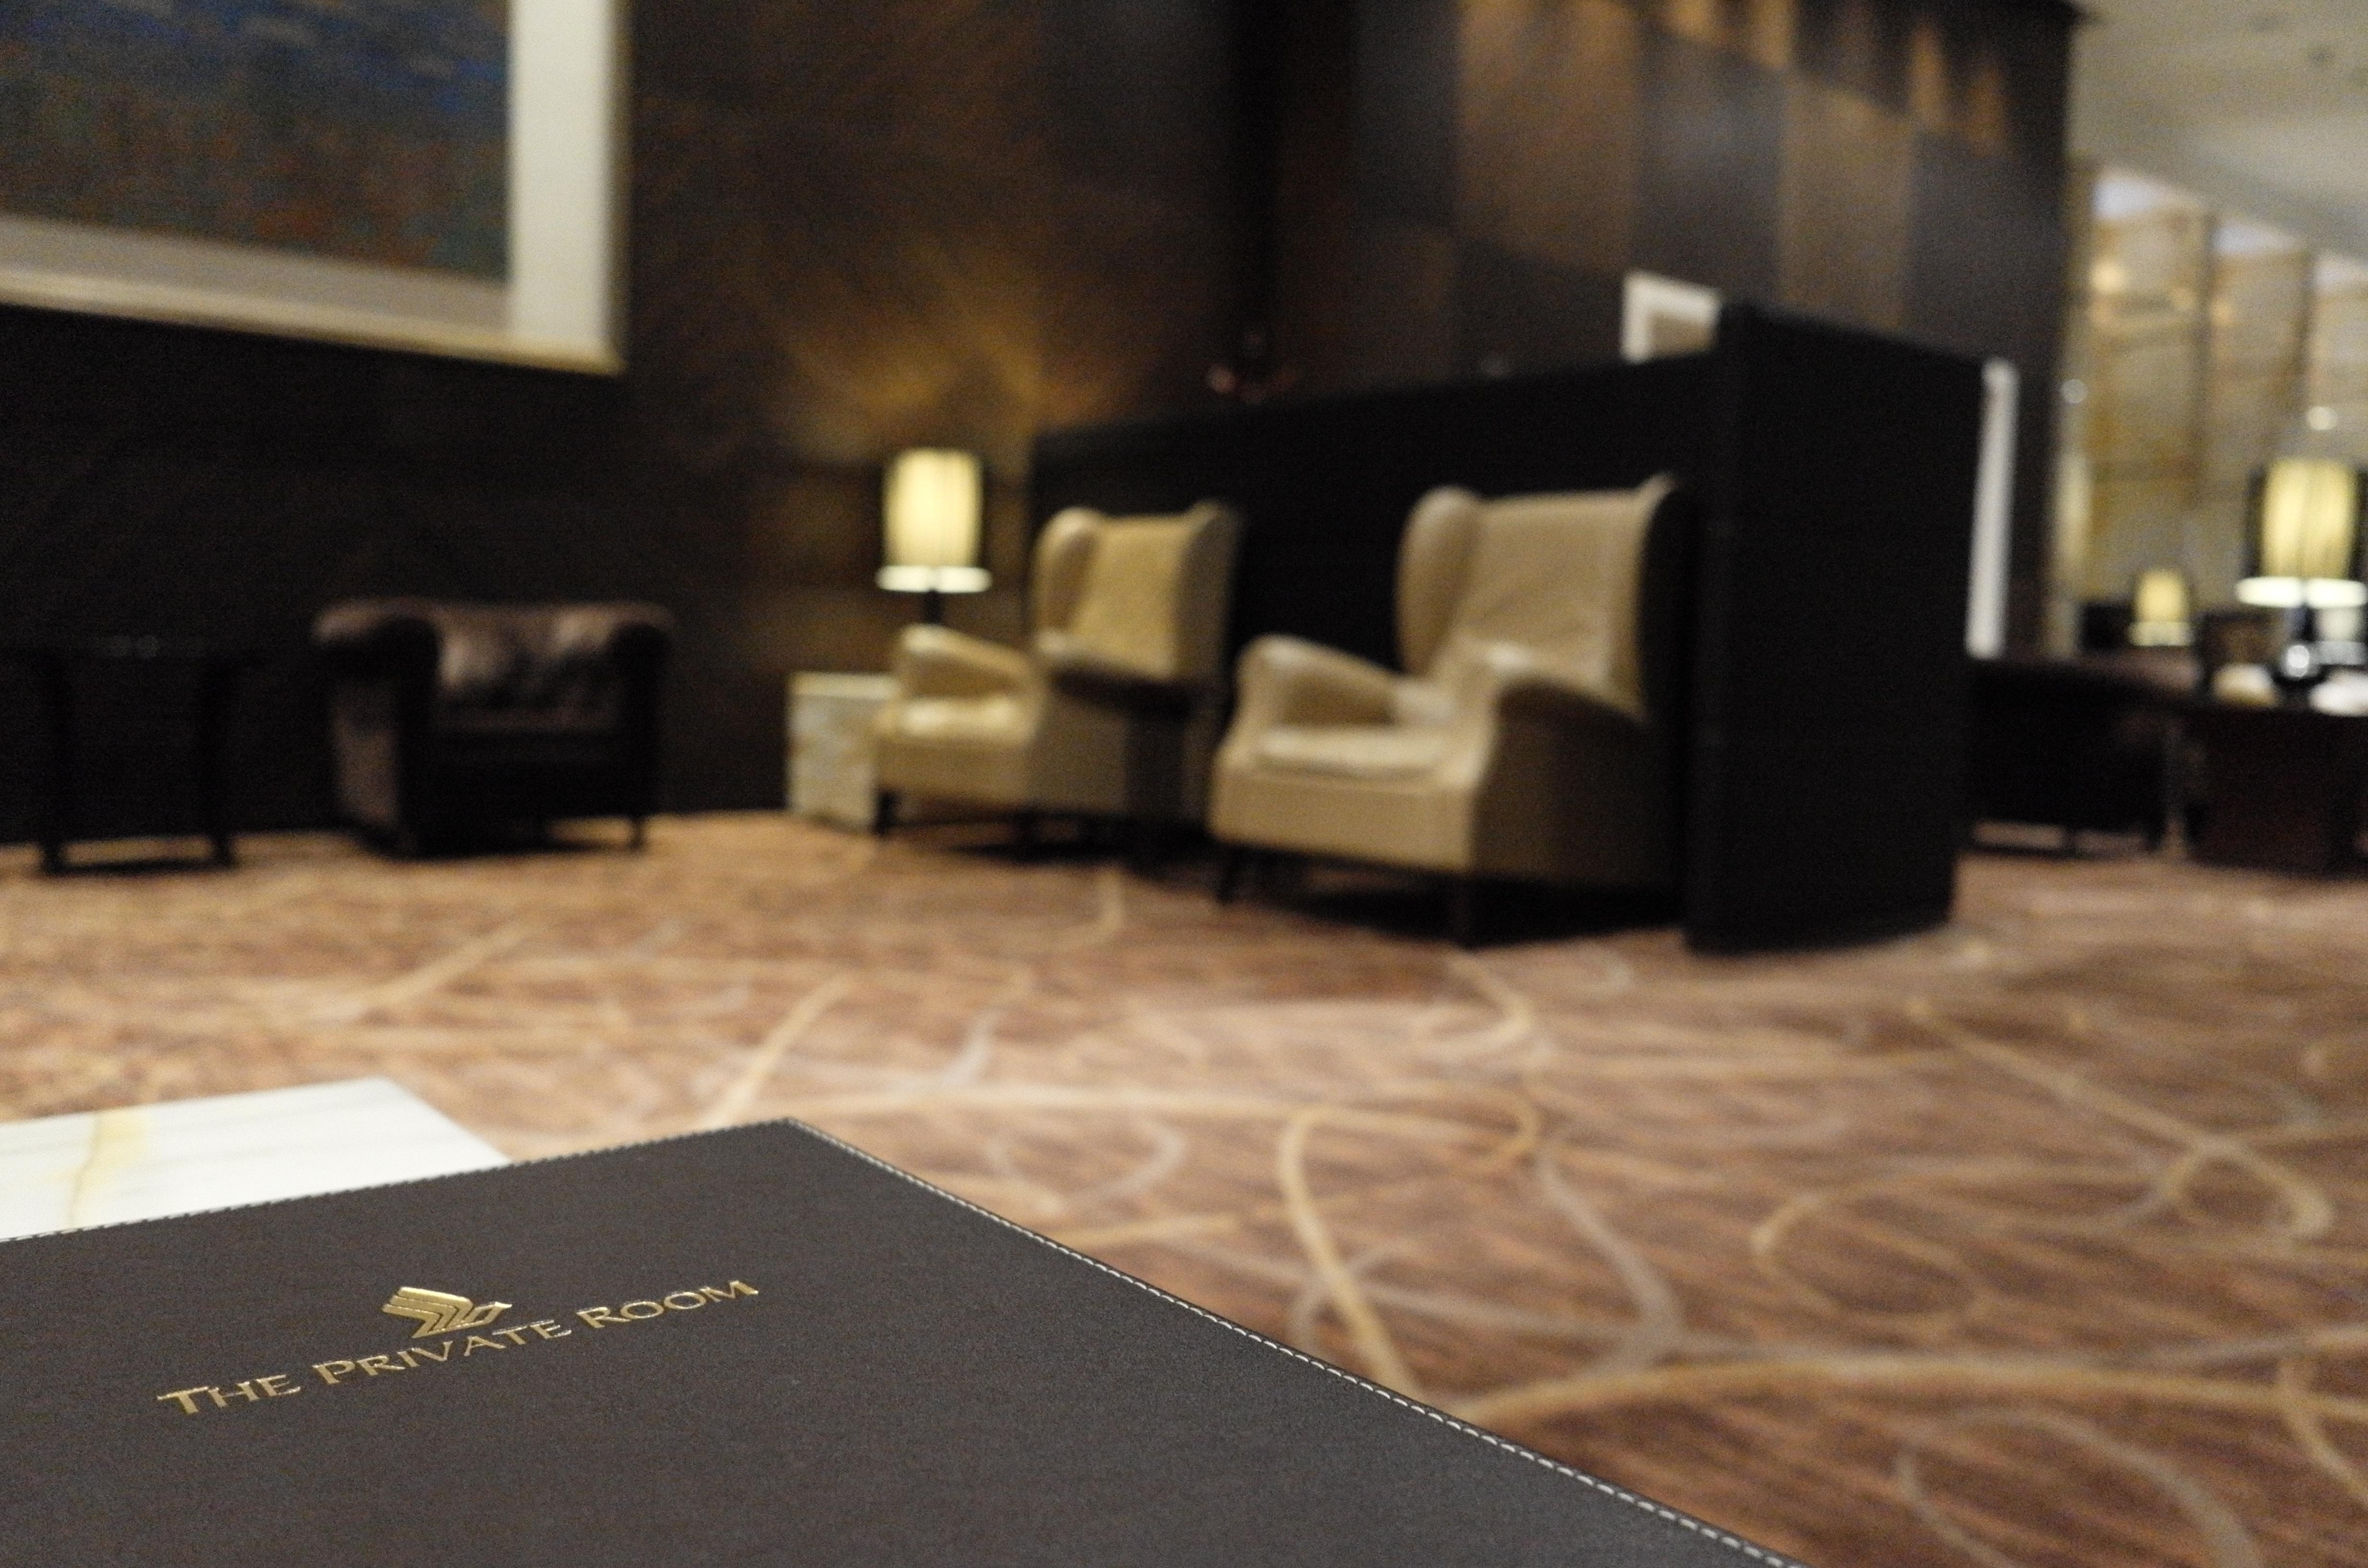 一歩先を行くあなたへ 上質を極めるシンガポール航空(SQ)クラブ「Salon SQ」のご案内